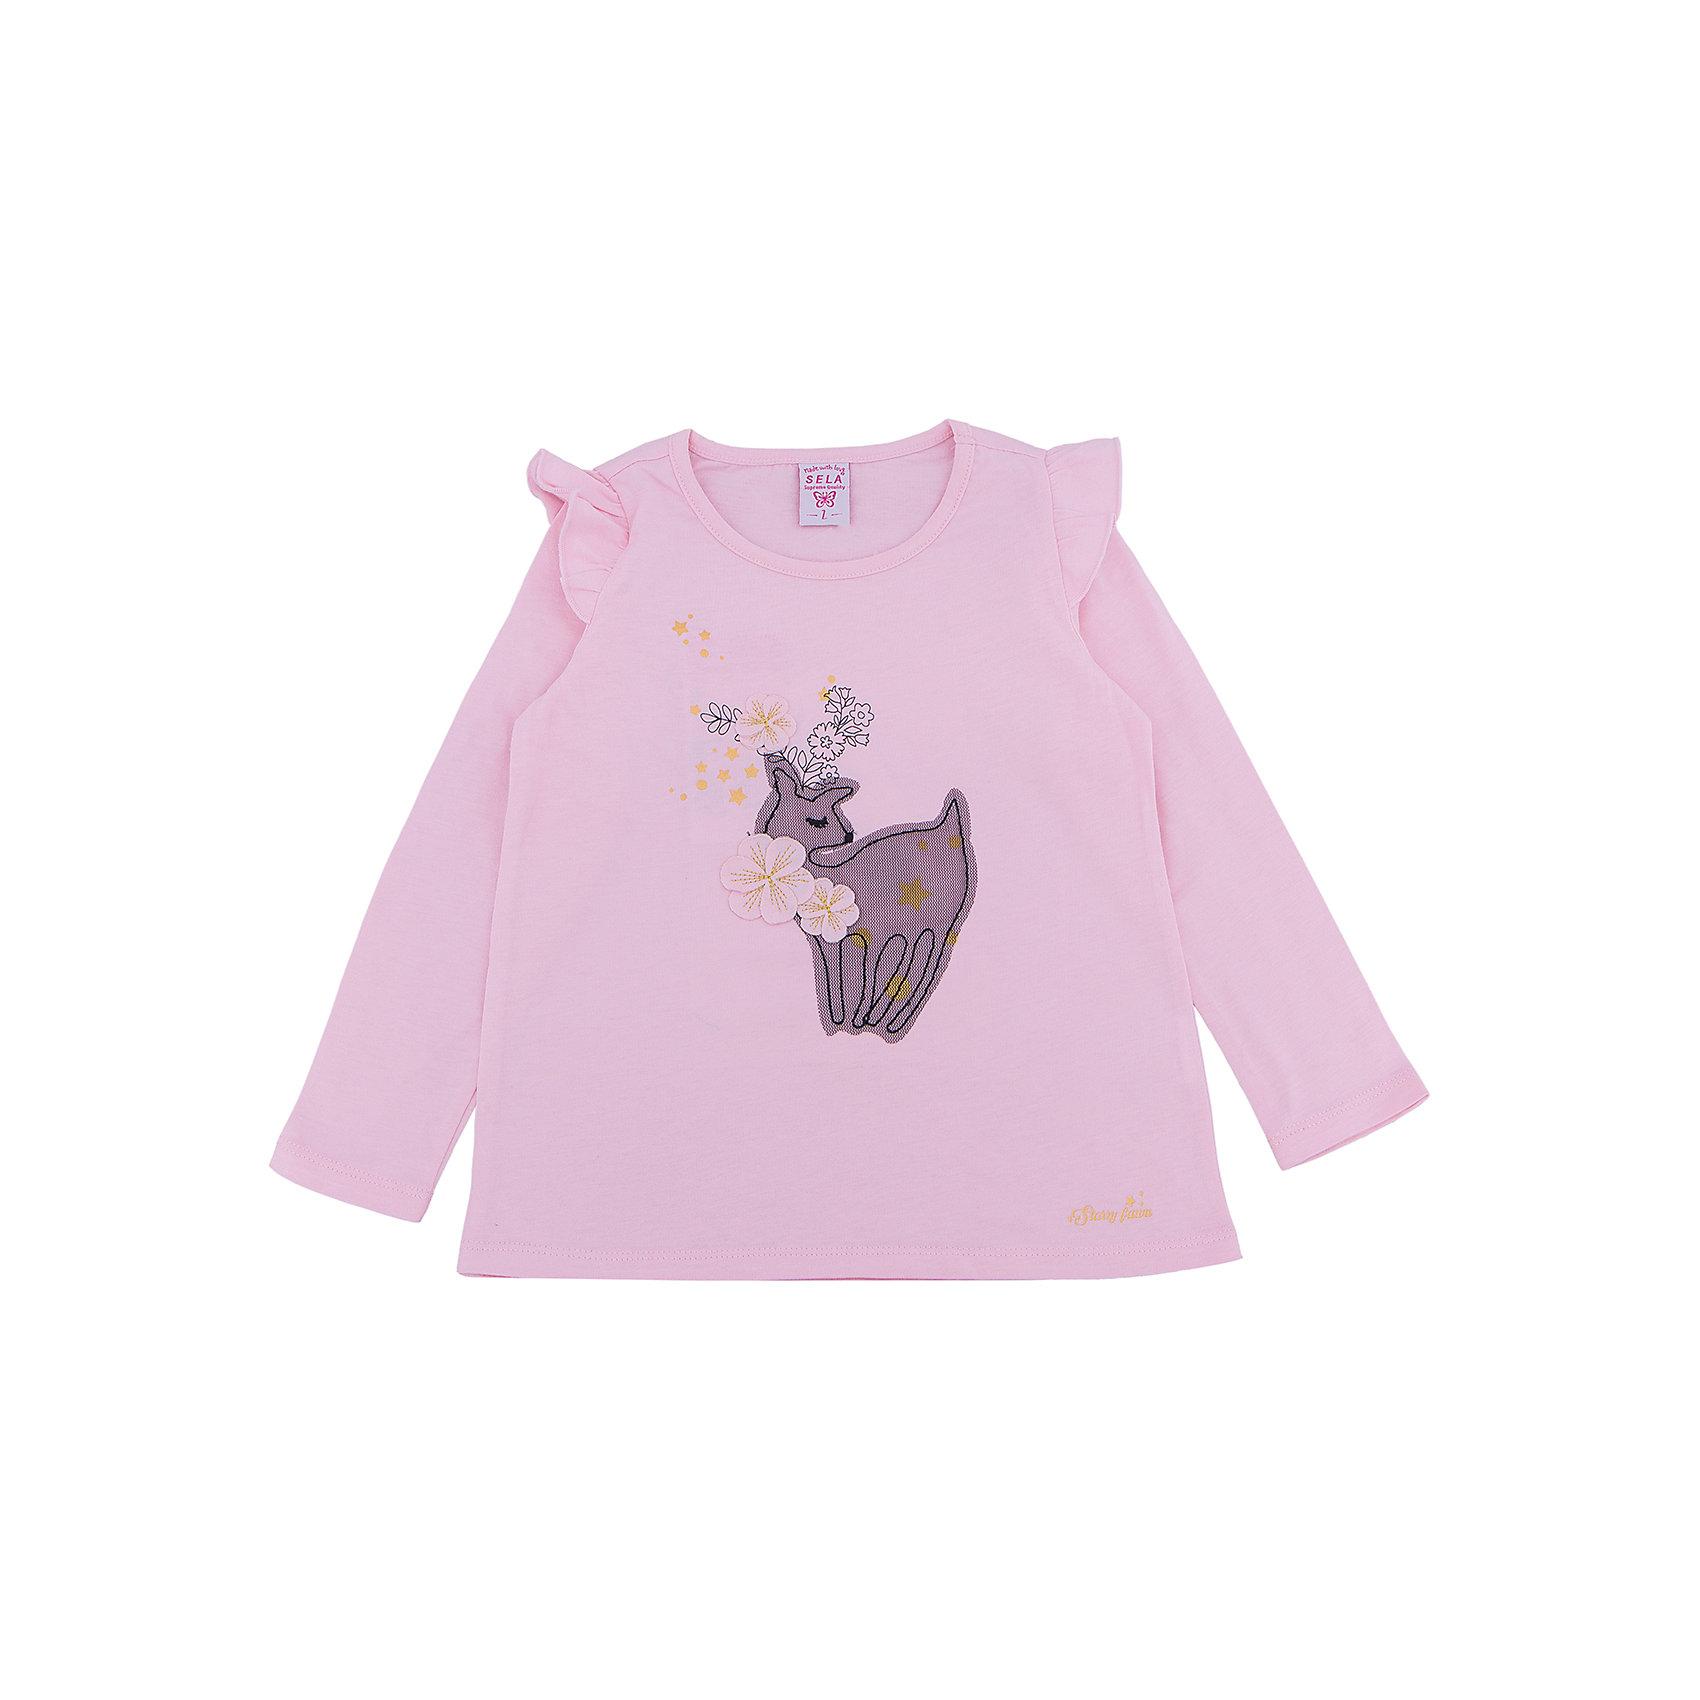 Футболка с длинным рукавом для девочки SELAЛонгслив для девочки SELA<br><br>Характеристики:<br><br>- Цвет: розовый.<br>- Силуэт: расширенный к низу.<br>- Состав: 100% хлопок.<br><br><br>Лонгслив для девочки от признанного лидера по созданию коллекций одежды в стиле casual – SELA. Стильный лонгслив розового цвета украшен золотистым принтом, а также нежной аппликацией. Рукава декорированы «крылышками». Изделие выполнено из высококачественного натурального хлопка, дышащего, очень мягкого и приятного к телу.<br>В таком лонгсливе ваша девочка будет чувствовать себя комфортно и тепло, при этом будет выглядеть стильно и модно!<br><br>Лонгслив для девочки SELA, можно купить в нашем интернет - магазине.<br><br>Ширина мм: 190<br>Глубина мм: 74<br>Высота мм: 229<br>Вес г: 236<br>Цвет: розовый<br>Возраст от месяцев: 60<br>Возраст до месяцев: 72<br>Пол: Женский<br>Возраст: Детский<br>Размер: 116,92,98,104,110<br>SKU: 5079042